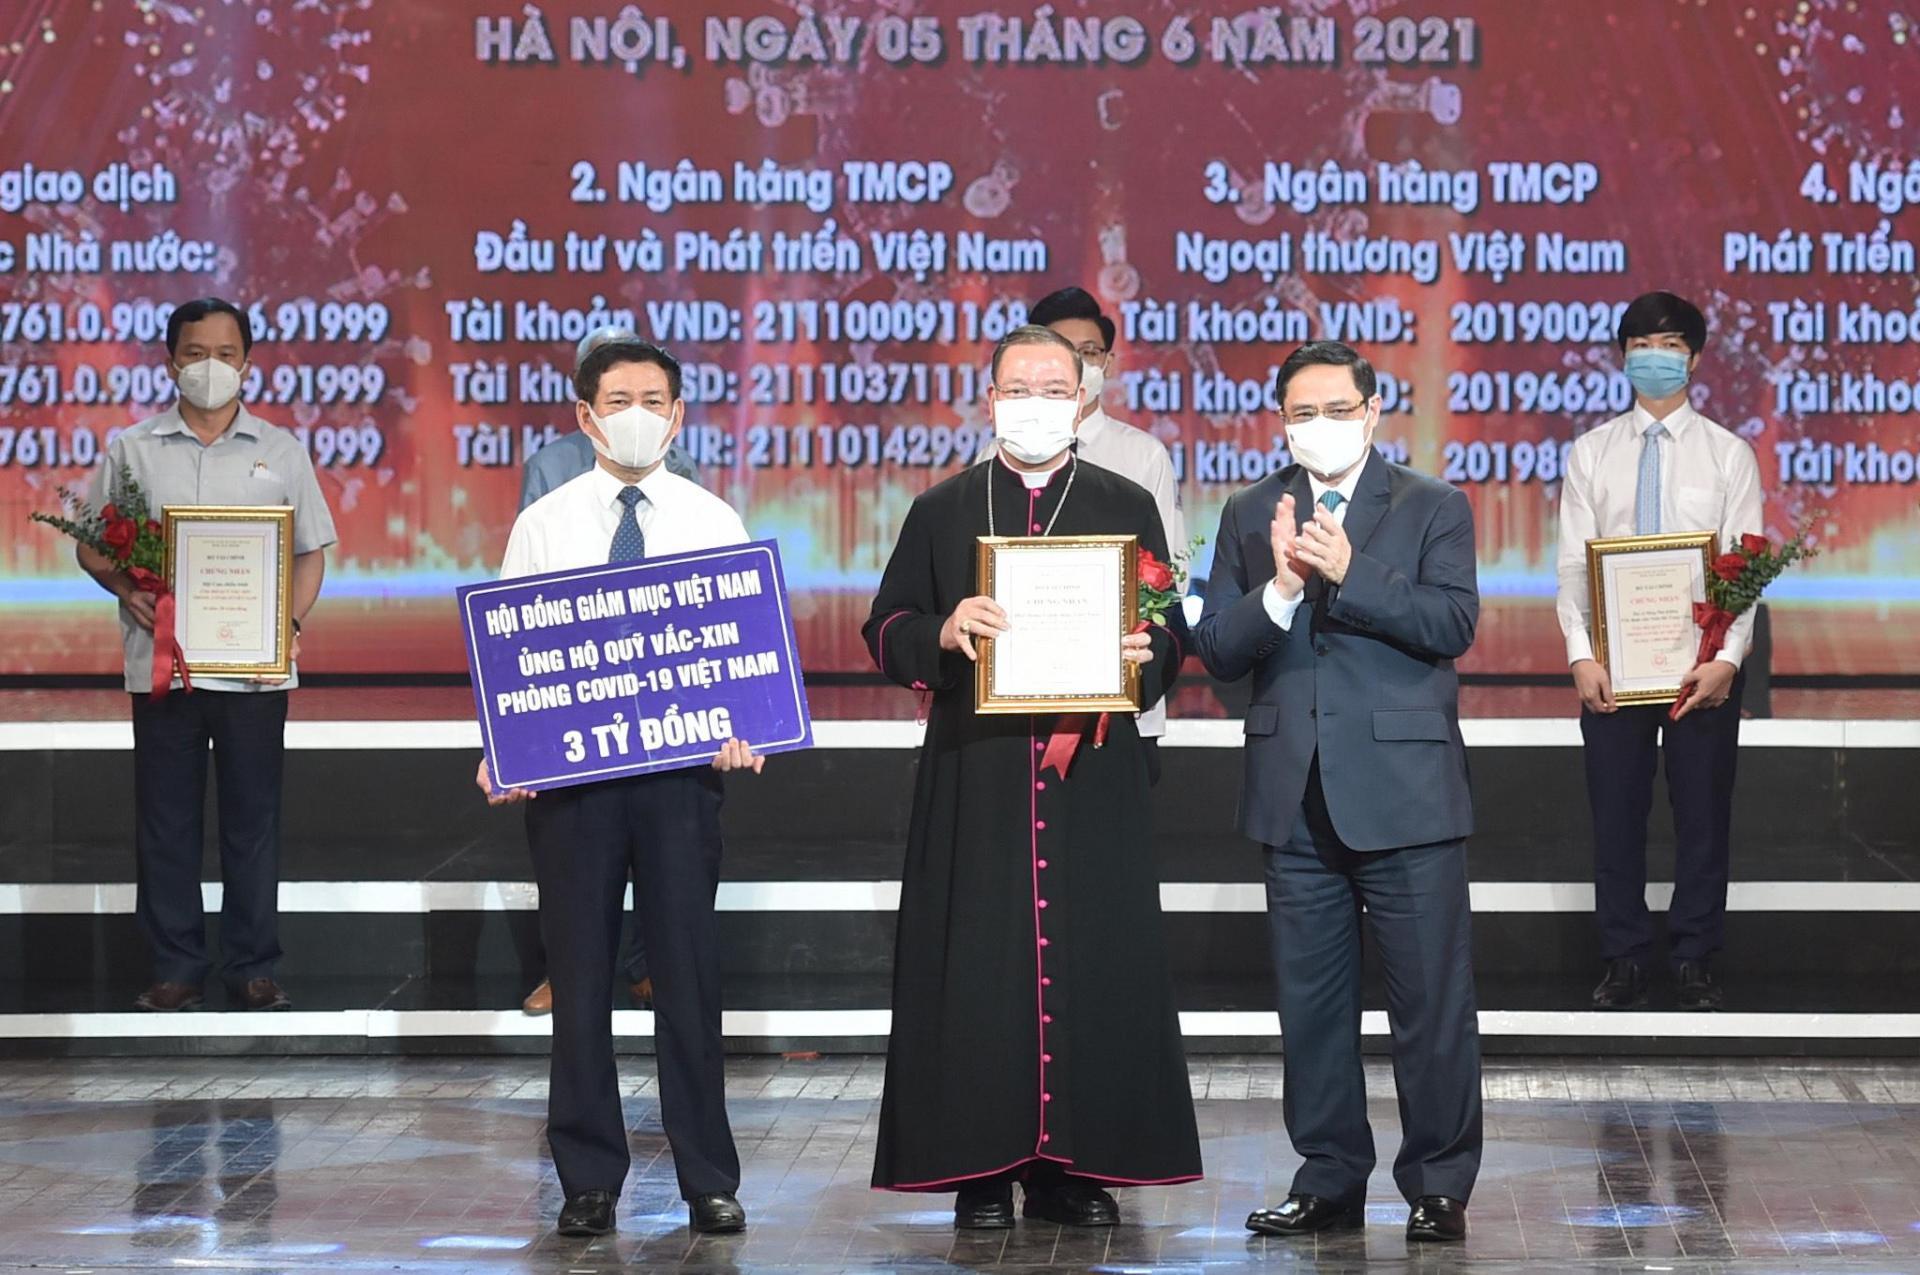 Thủ tướng Chính phủ Phạm Minh Chính trao chứng nhận, hoa cảm ơn Tổng Giám mục Vũ Văn Thiên, Phó Tổng Thư ký Hội đồng Giám mục Việt Nam.